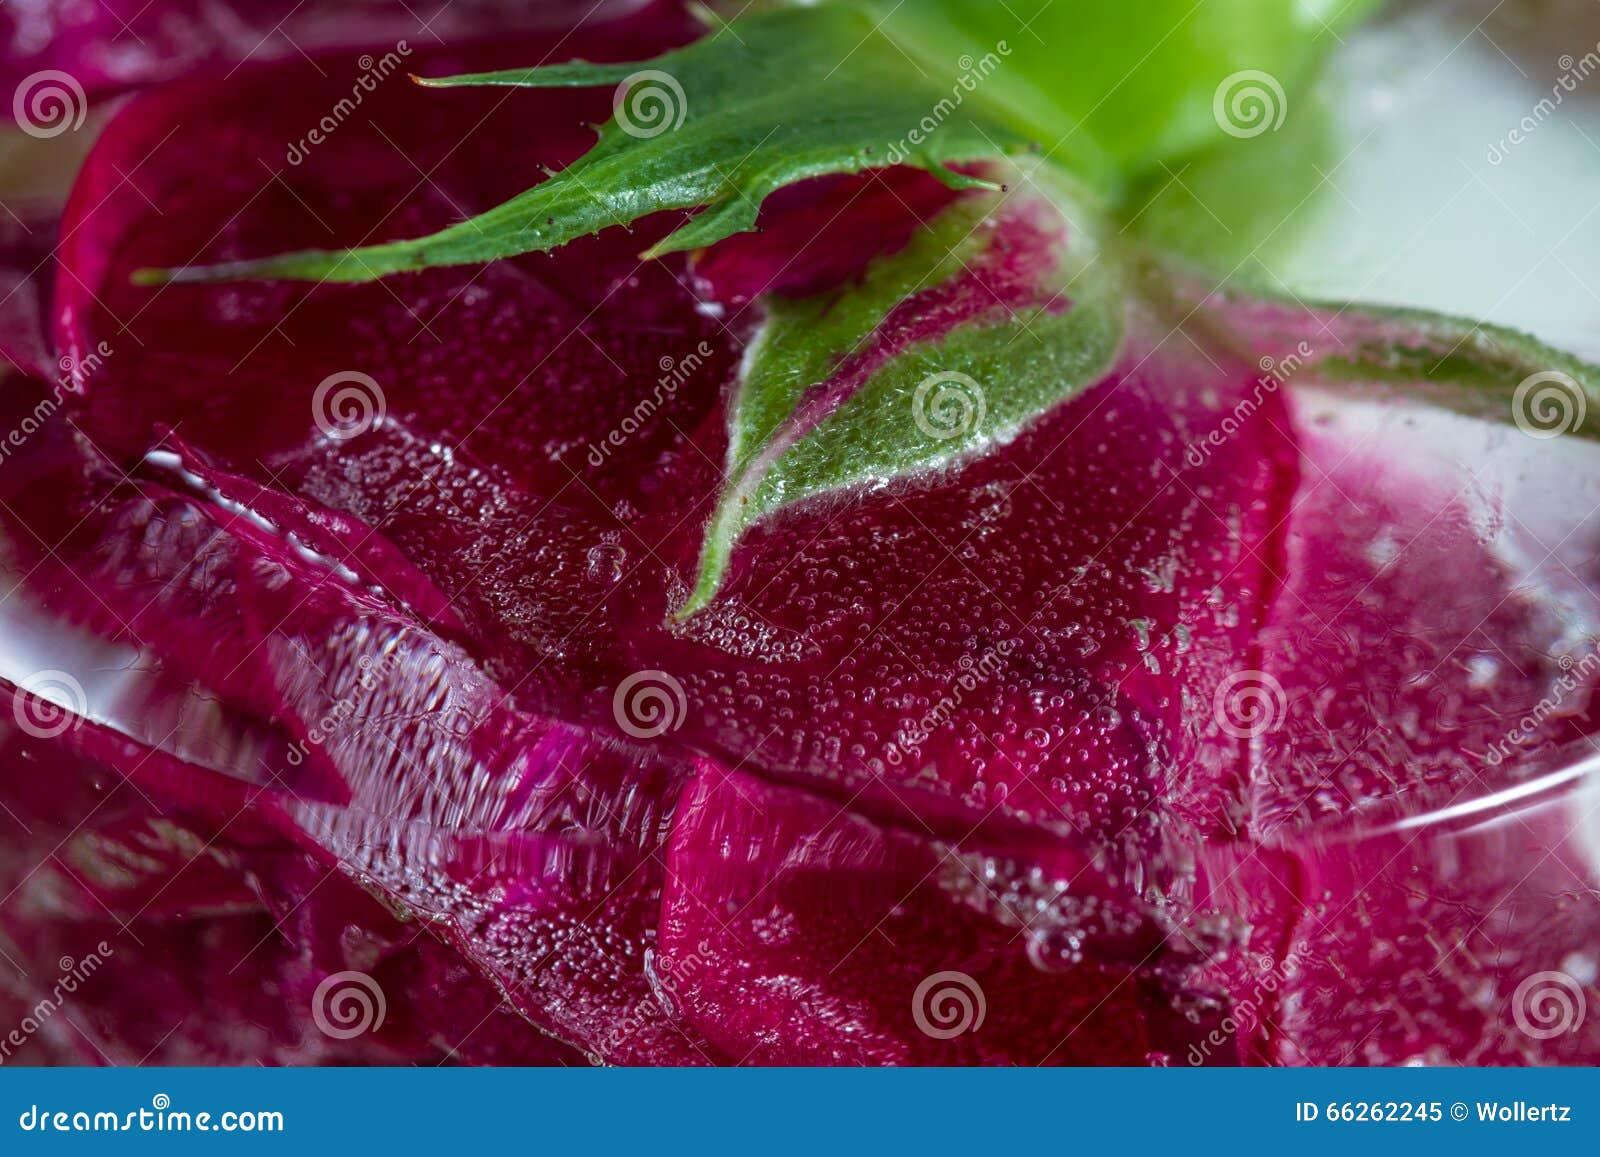 Rosa pequena do vermelho congelada em um bloco de gelo